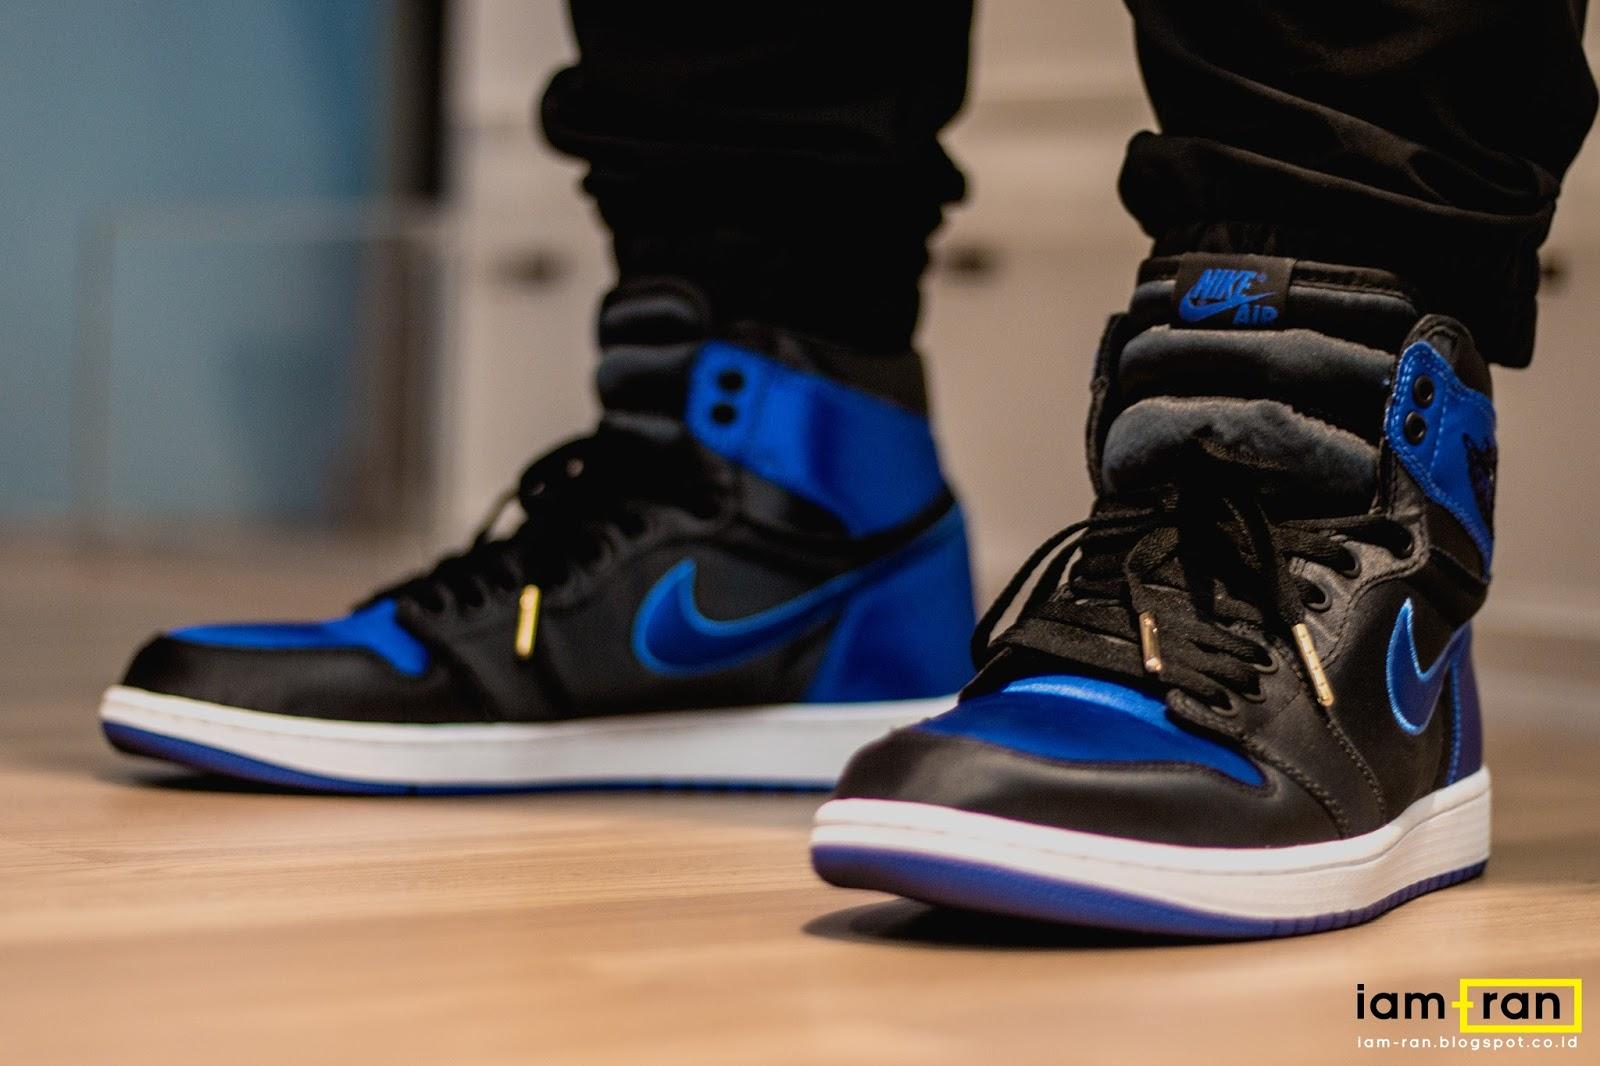 b649dfe4278 IAM-RAN: ON FEET : Dipsky - Nike Air Jordan 1